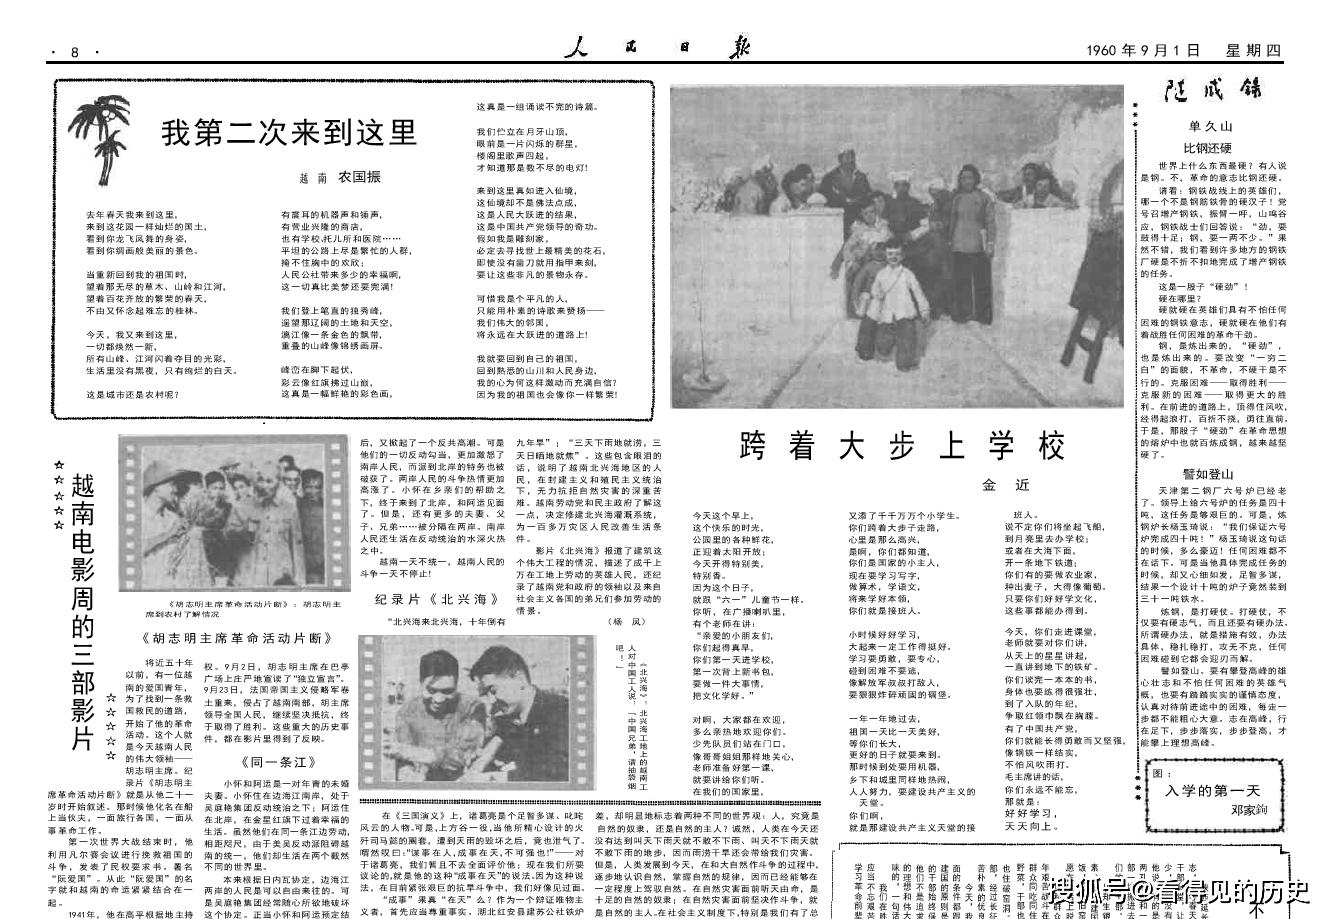 越南人刻意要统一祖国 人民日报评论员方